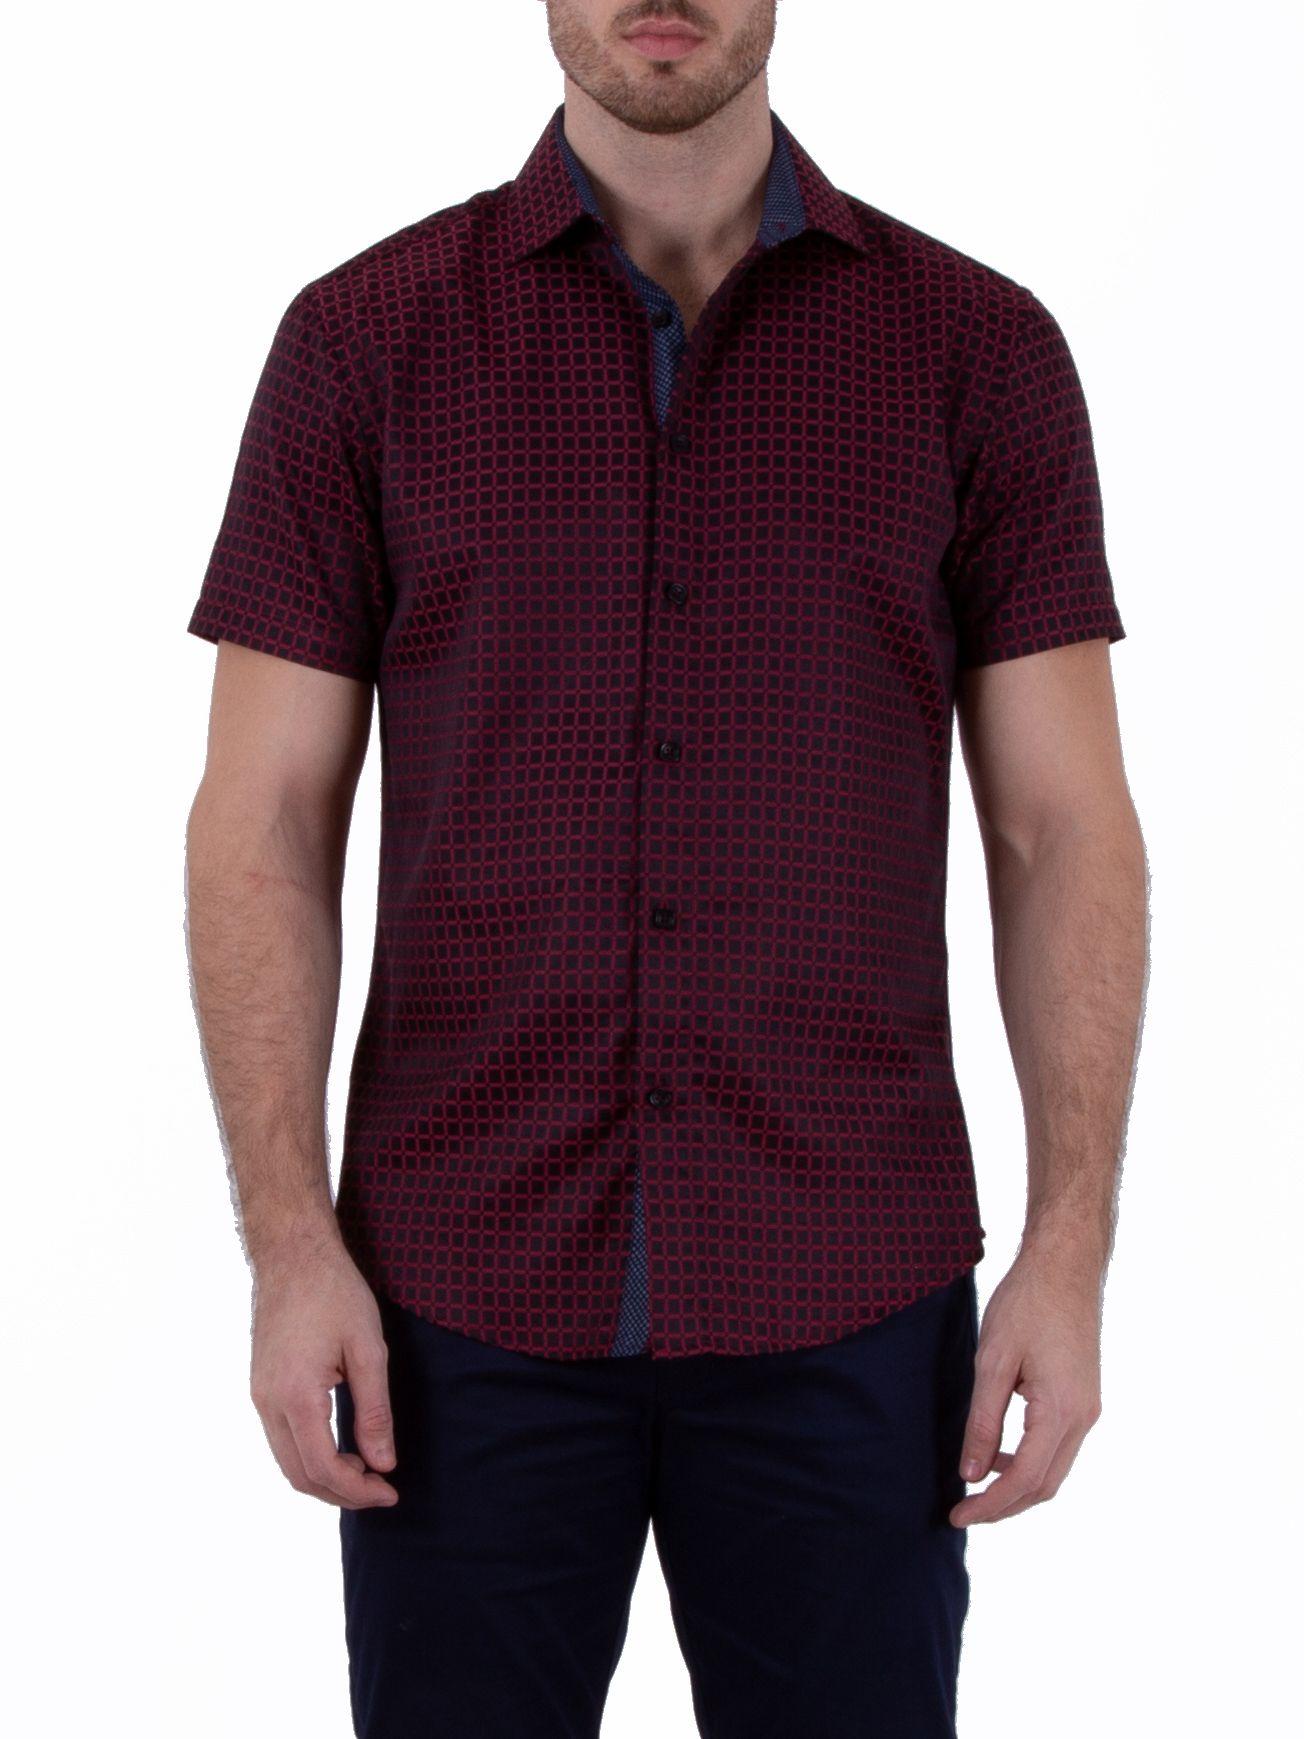 182124 mens red button up short sleeve dress shirt